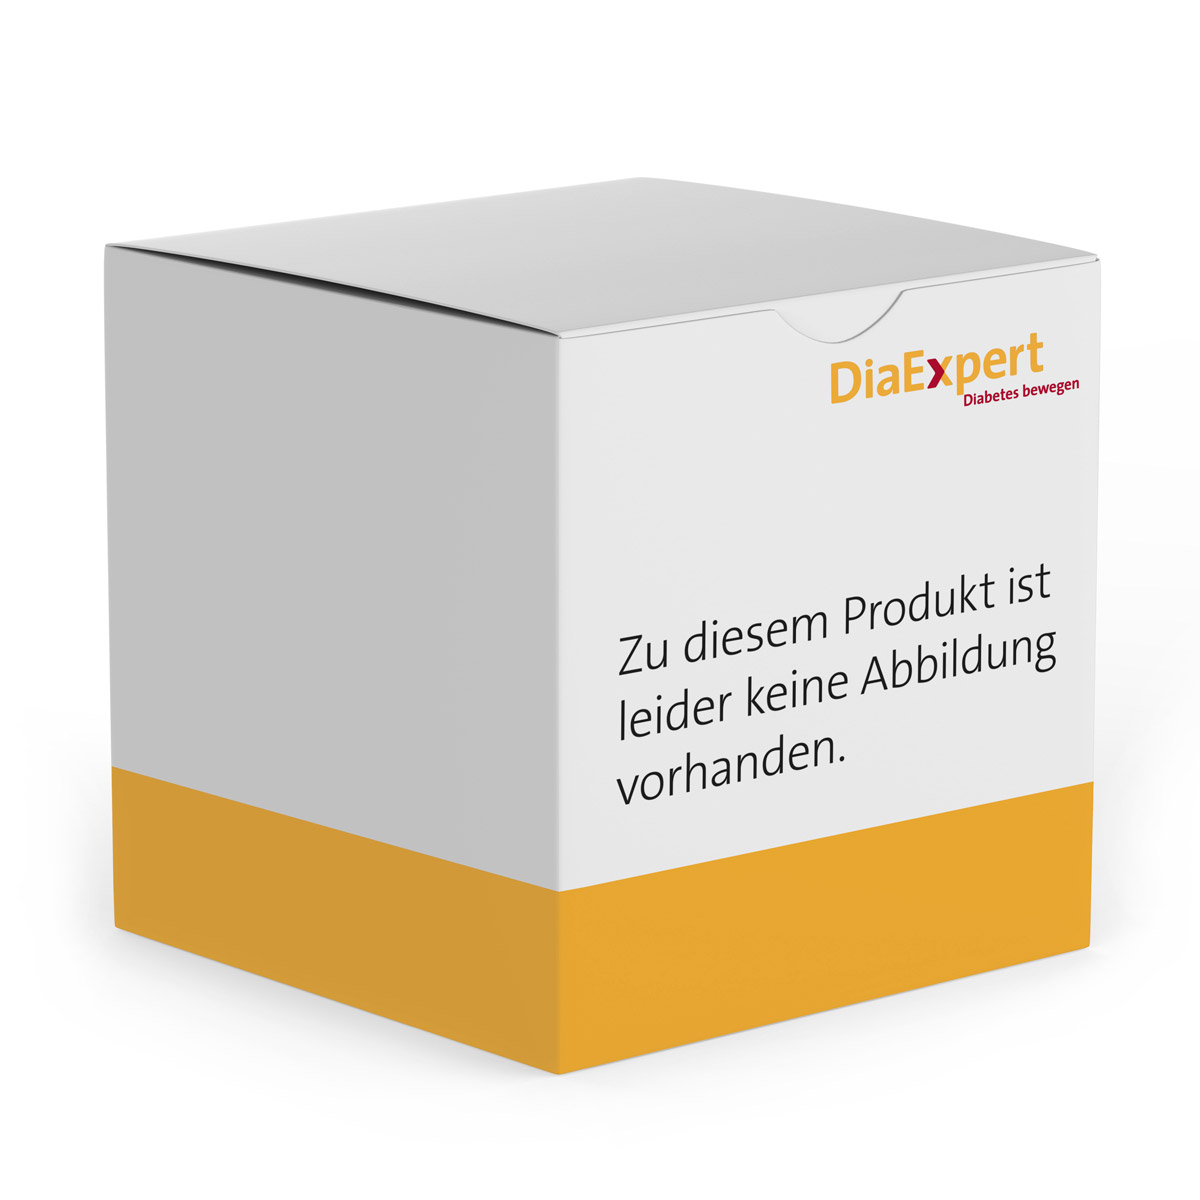 Keto-Diastix Teststreifen